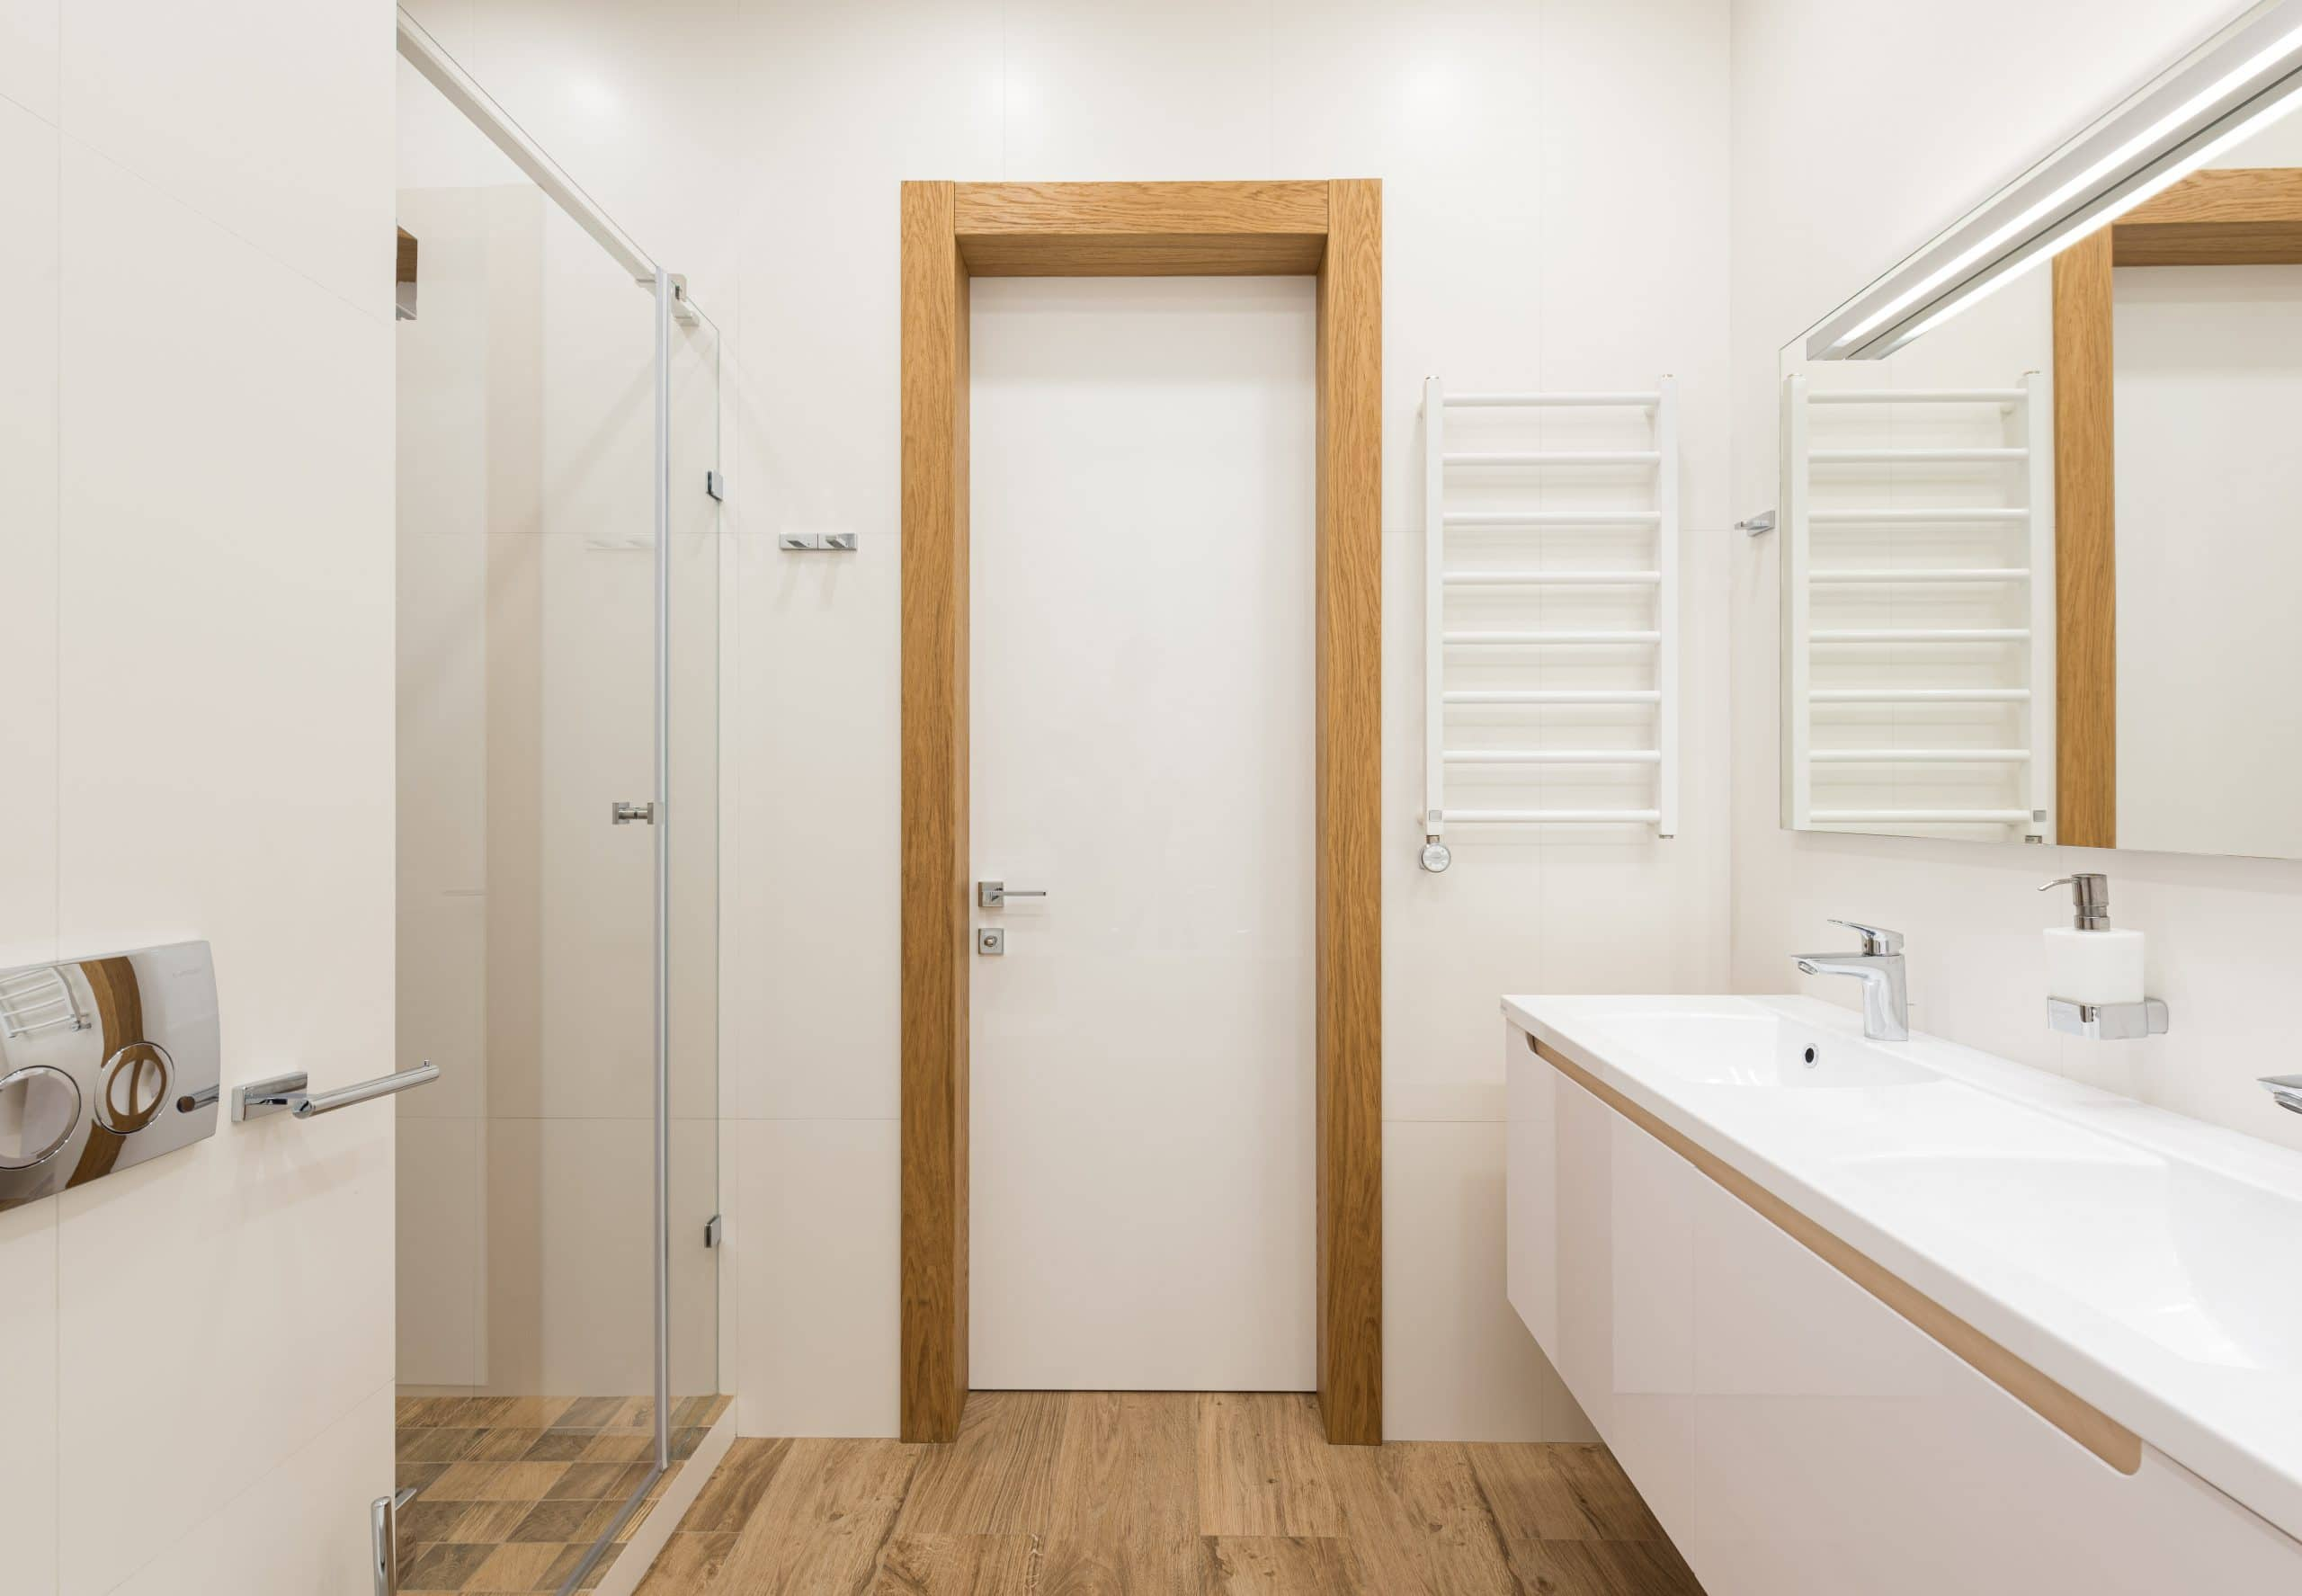 Peut-on poser du parquet dans la salle de bain ?